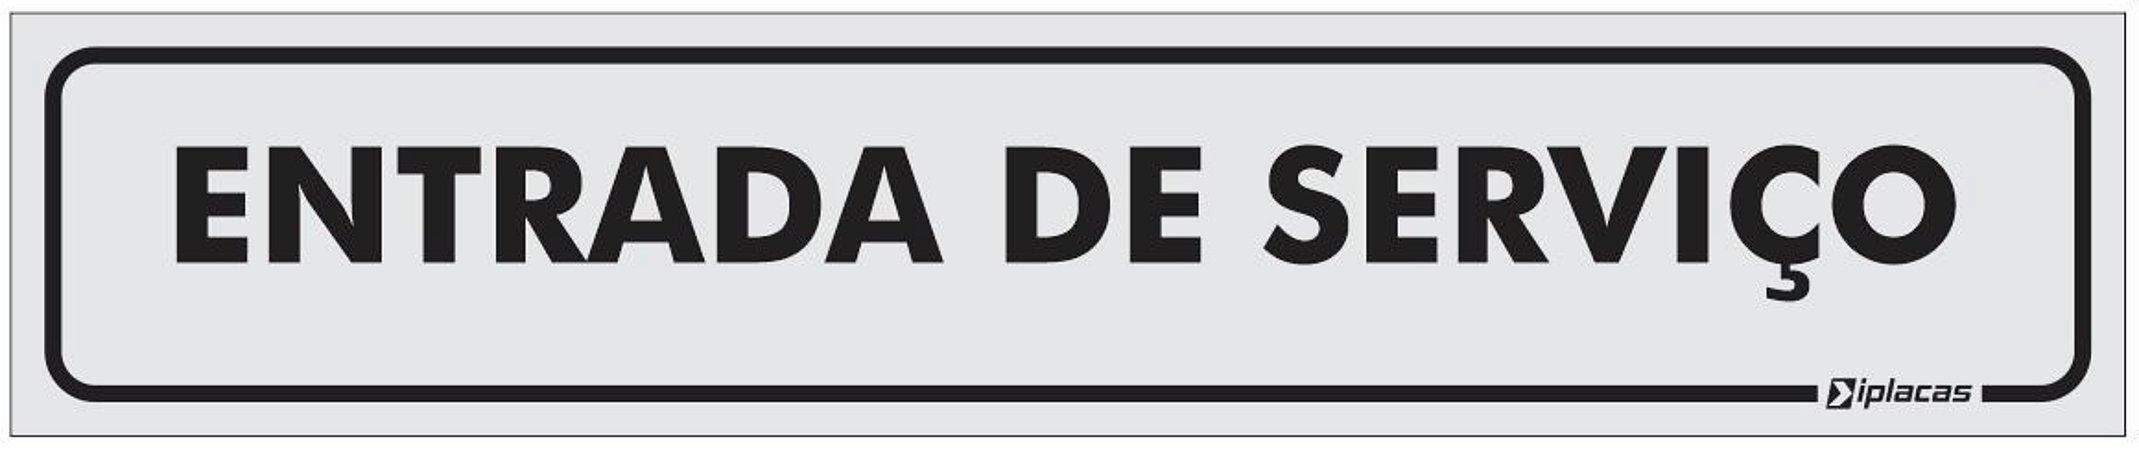 Placa Identificação Entrada de Serviço em PS 1mm